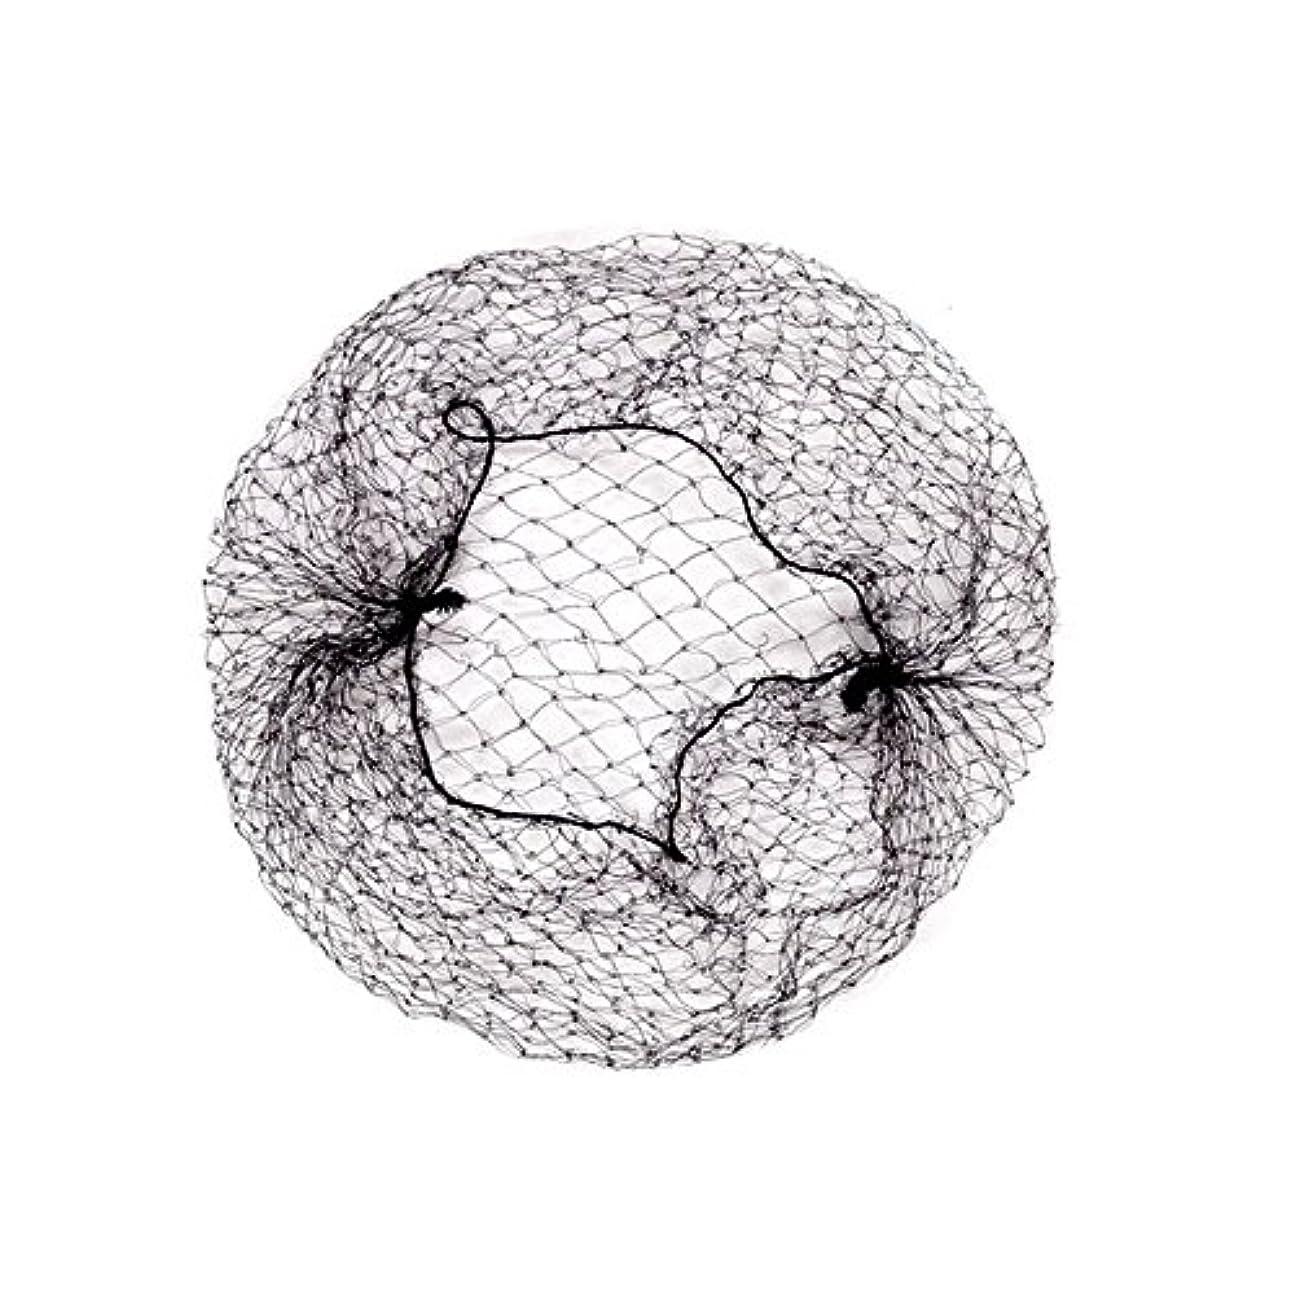 髪束ねネットセット(アシアナネット) ファッション小物 60枚セット